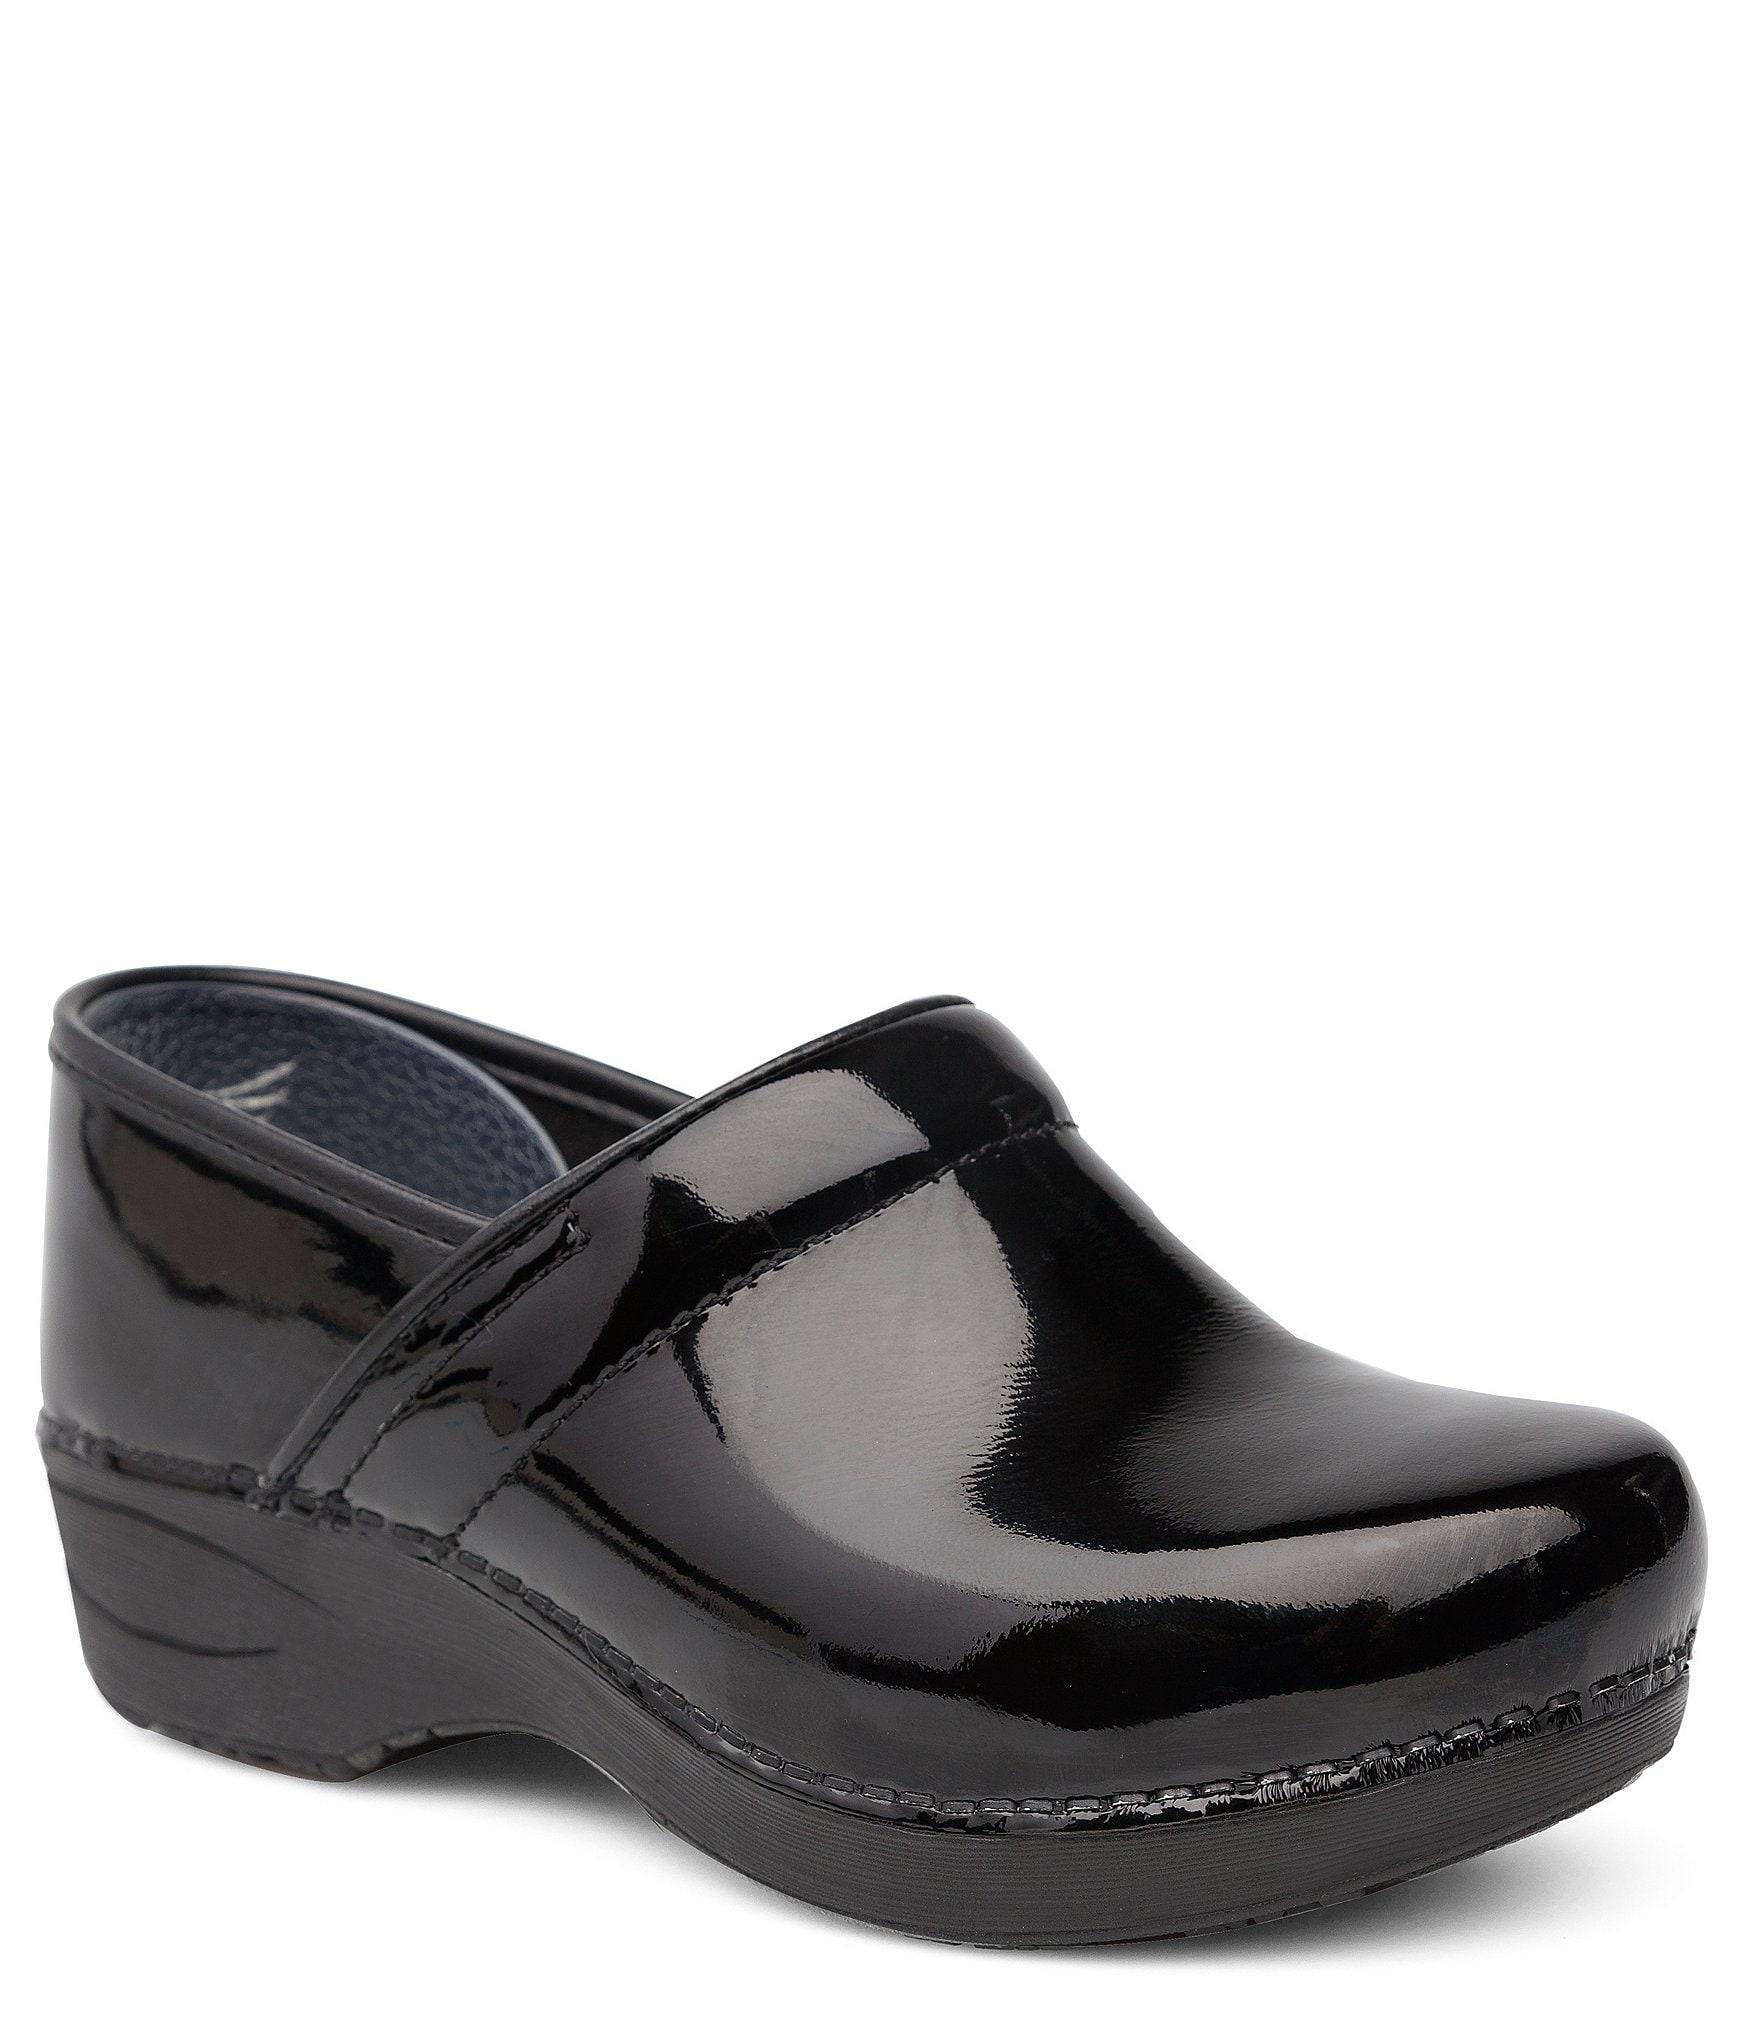 Dansko Women's Wide Width Shoes | Dillard's